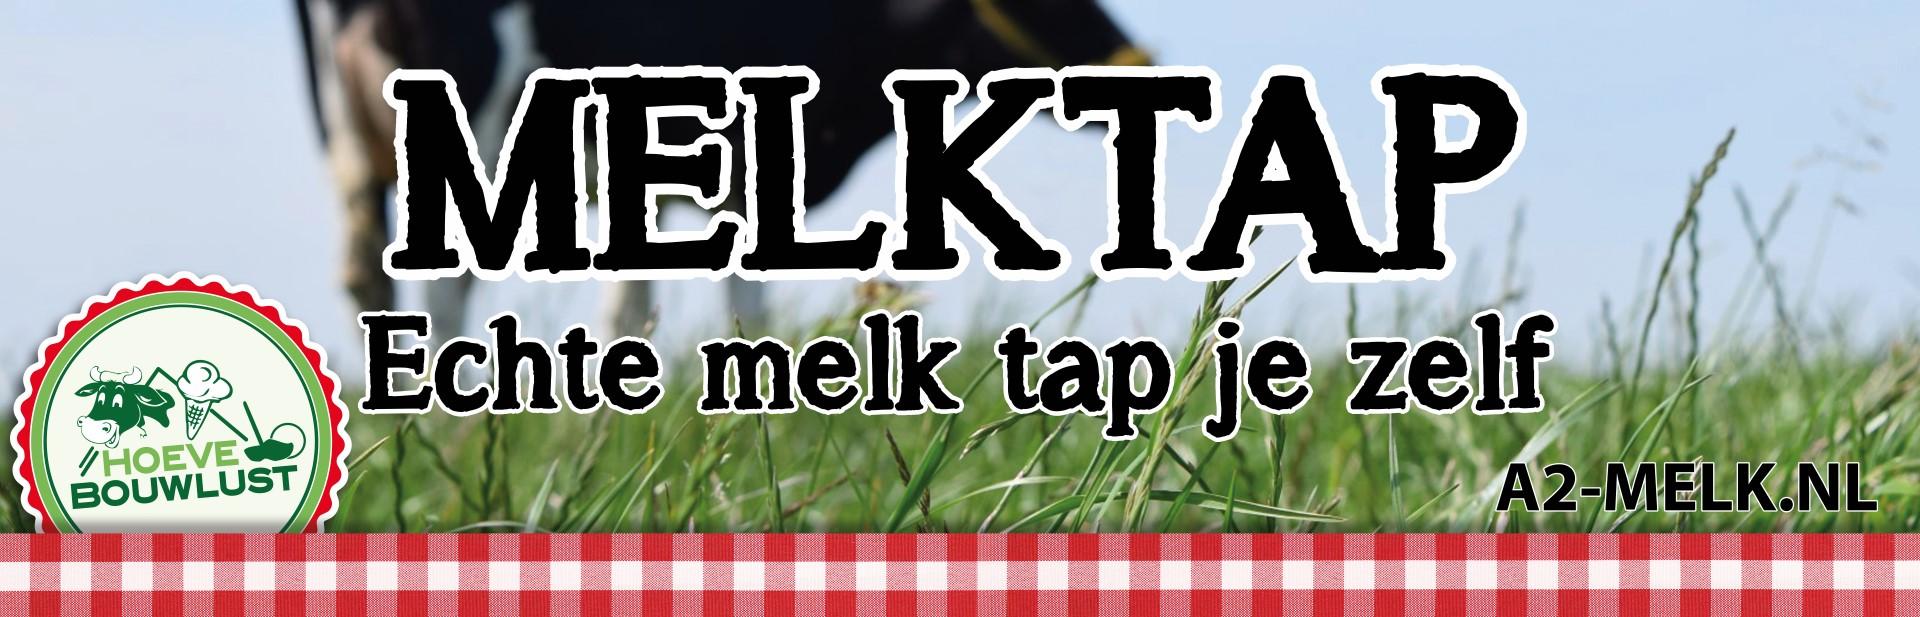 https://oermelk.nl/